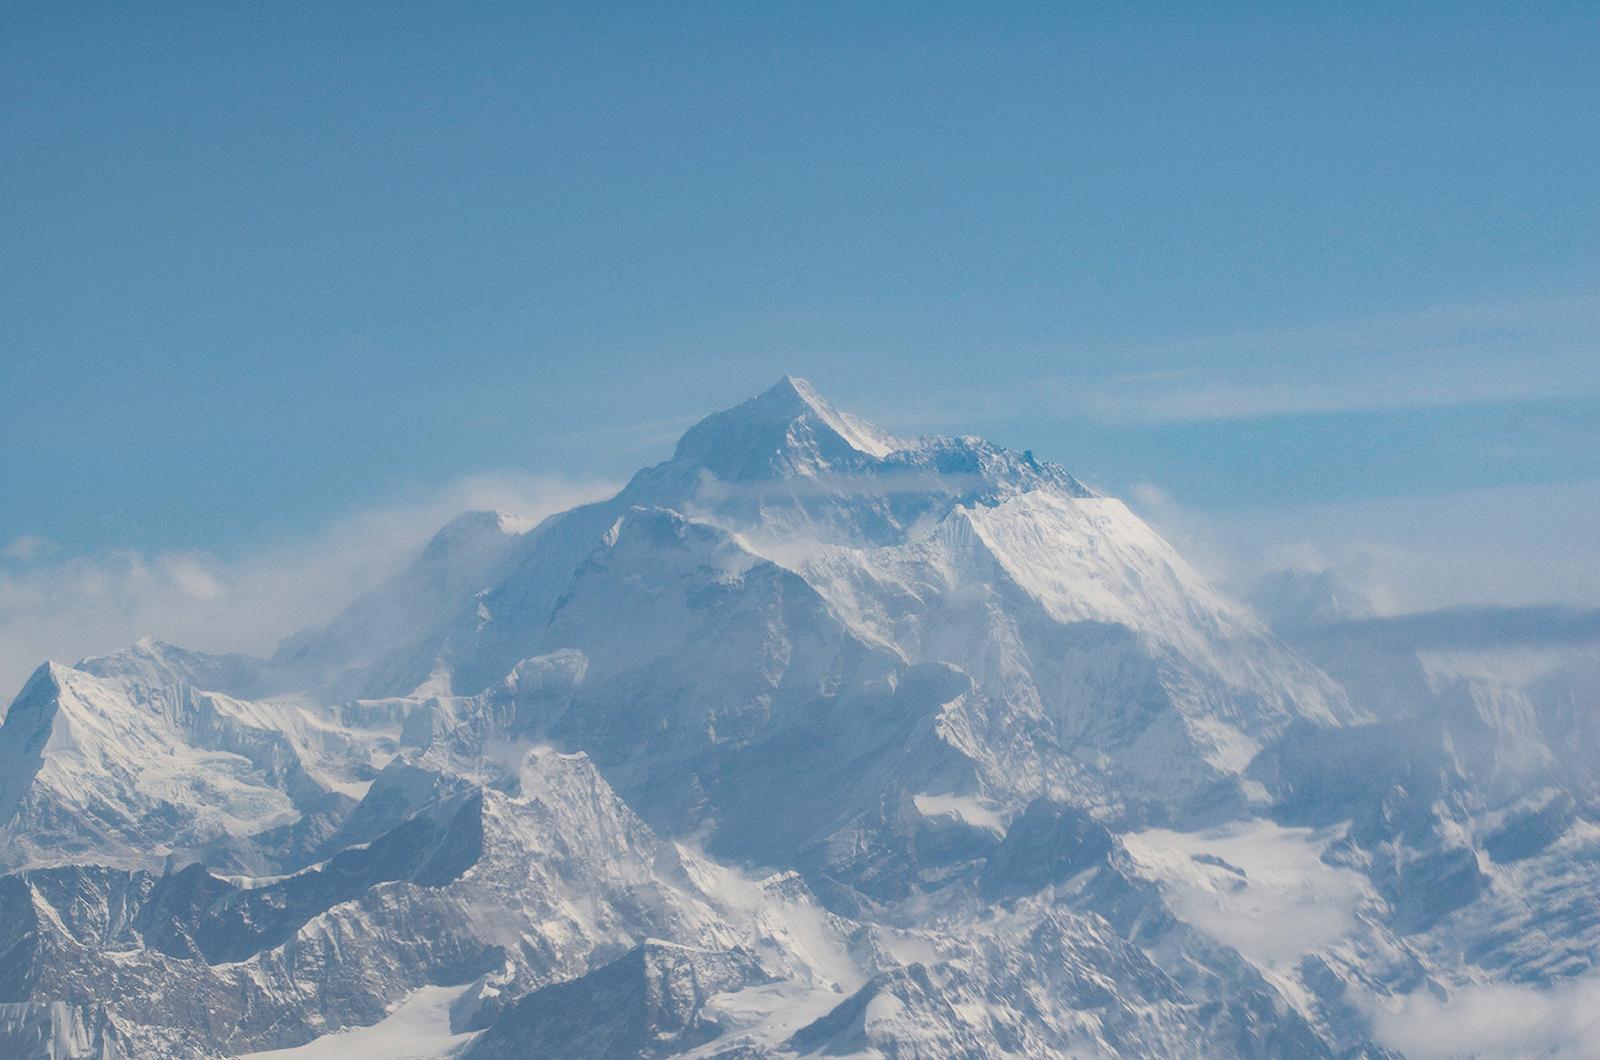 Der Mount Everest in der Morgensonne, davor die Amadabla, für viel der schönste Berg im Himalaya.